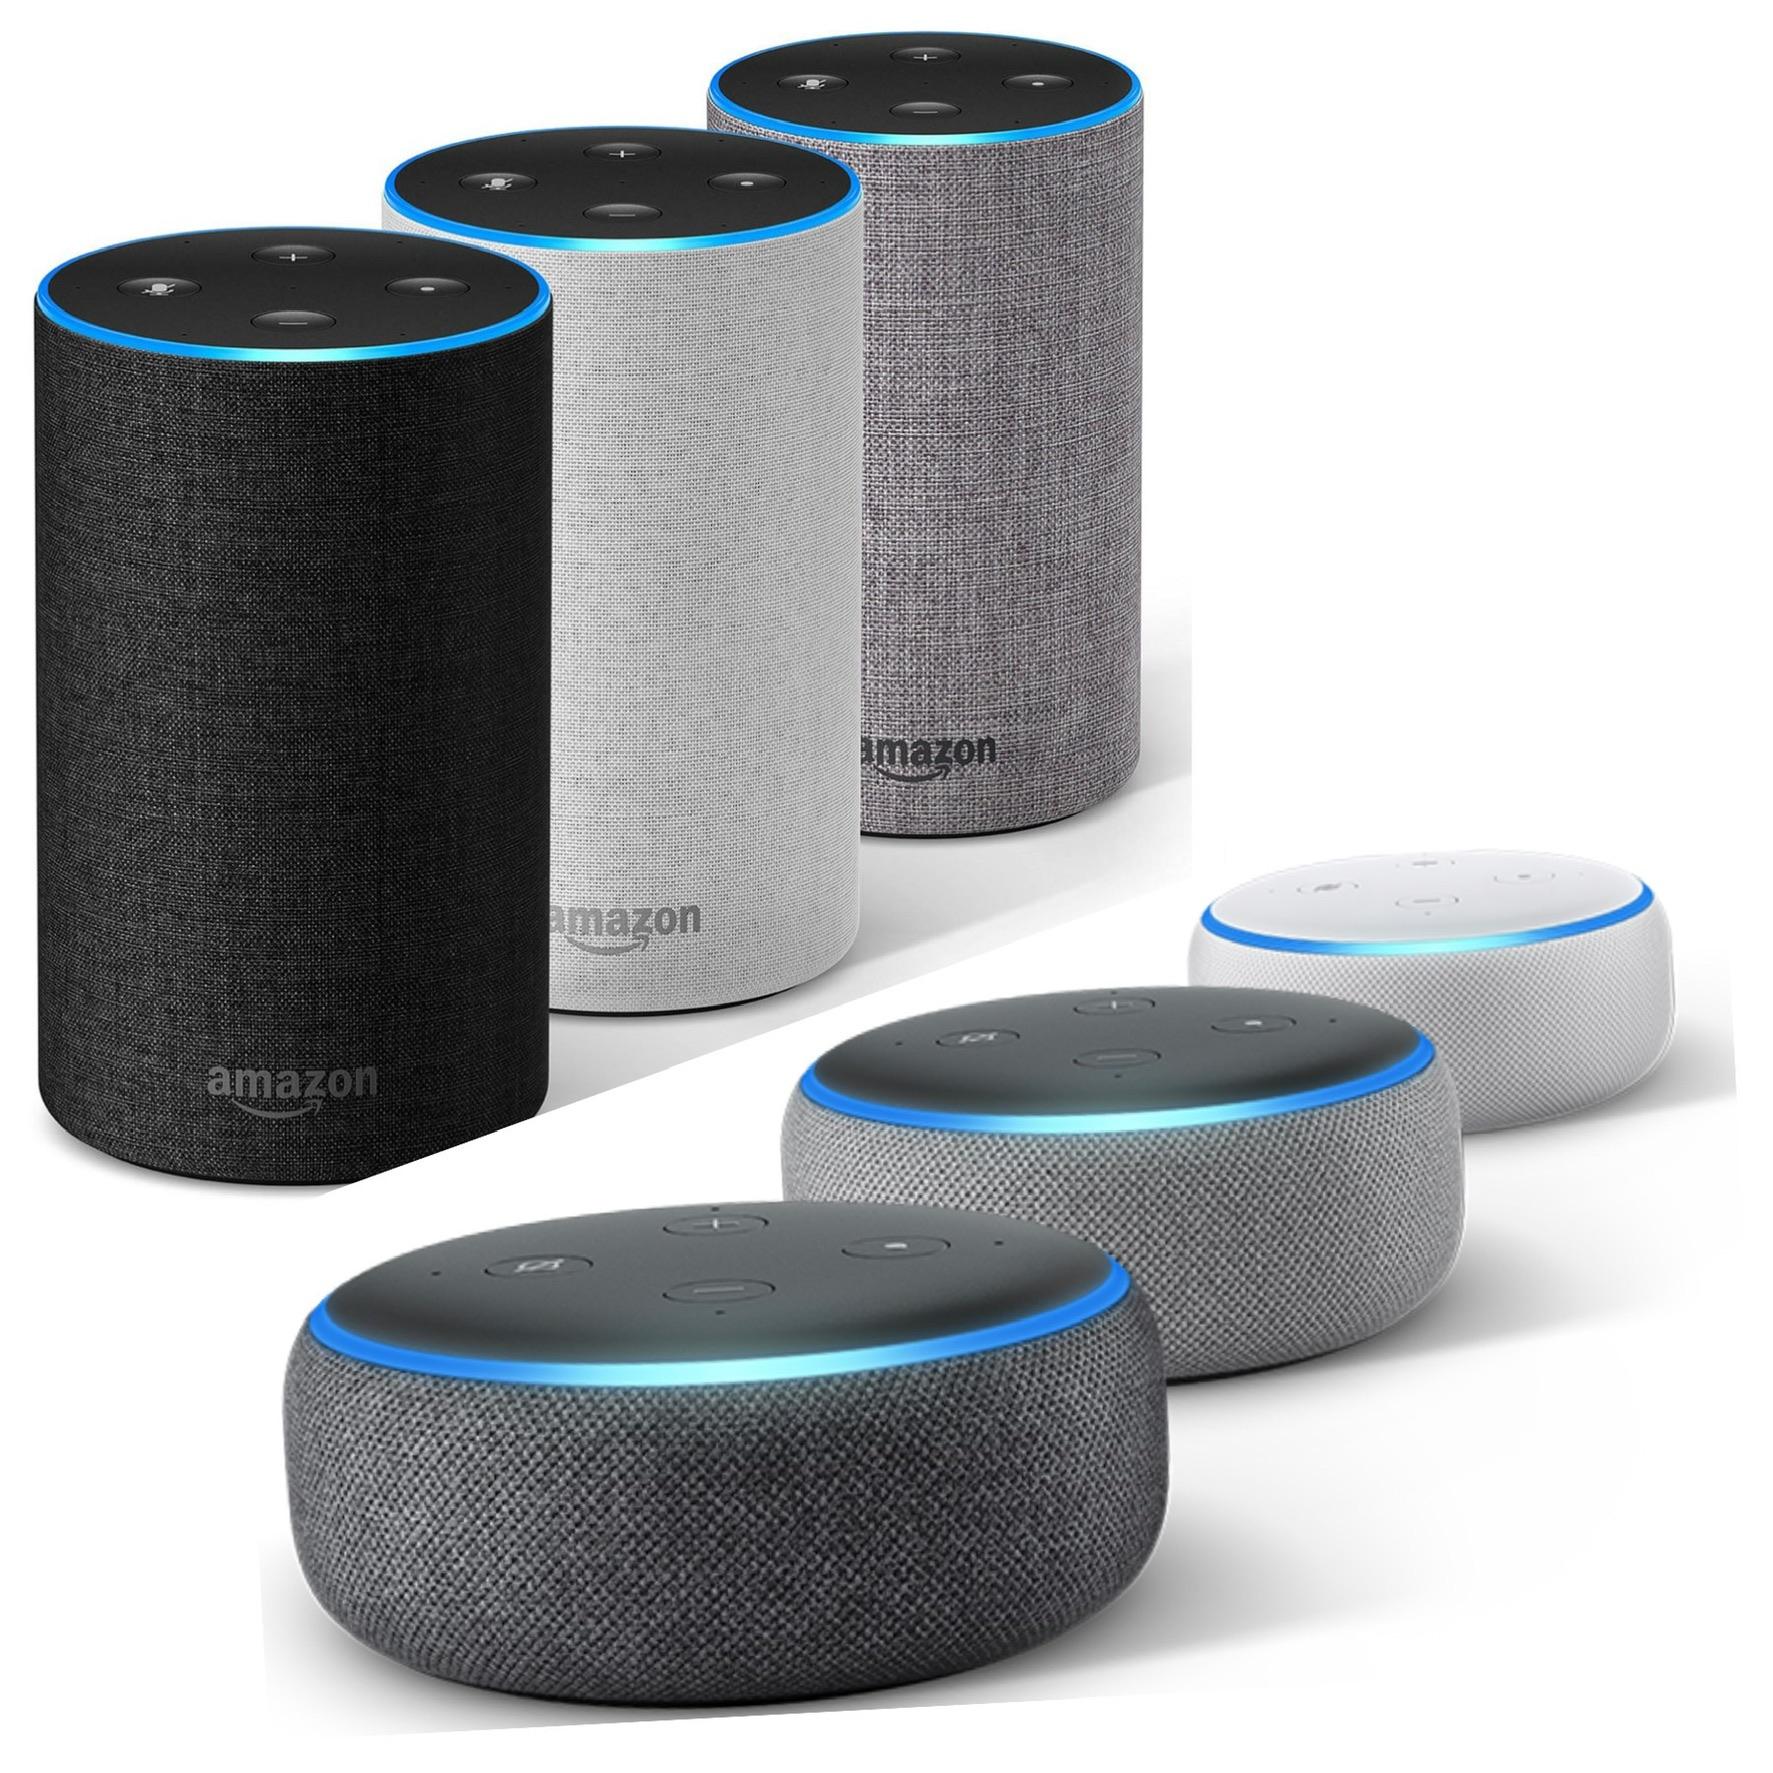 Amazon Echo Dot (3rd Gen) - Smart speaker with Alexa - (All Colours) £24.99 // Amazon Echo 2nd Gen. (All Colours) £59.99 @ Amazon